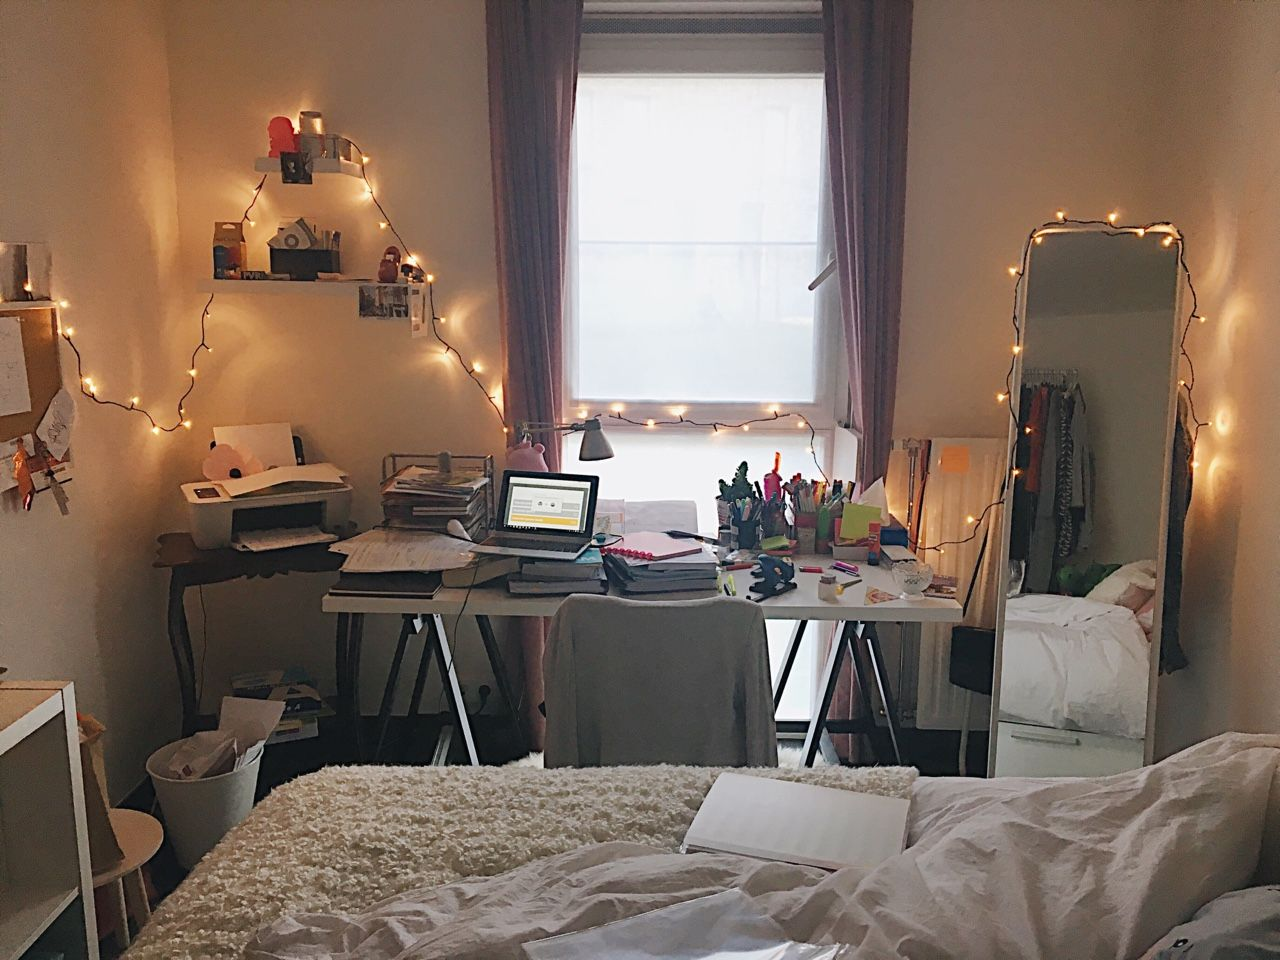 Arbeitszimmer Und Schlafzimmer In Einem: Bei Uns Absolut Nicht Machbar.  Mein Mann Ist Langschläfer